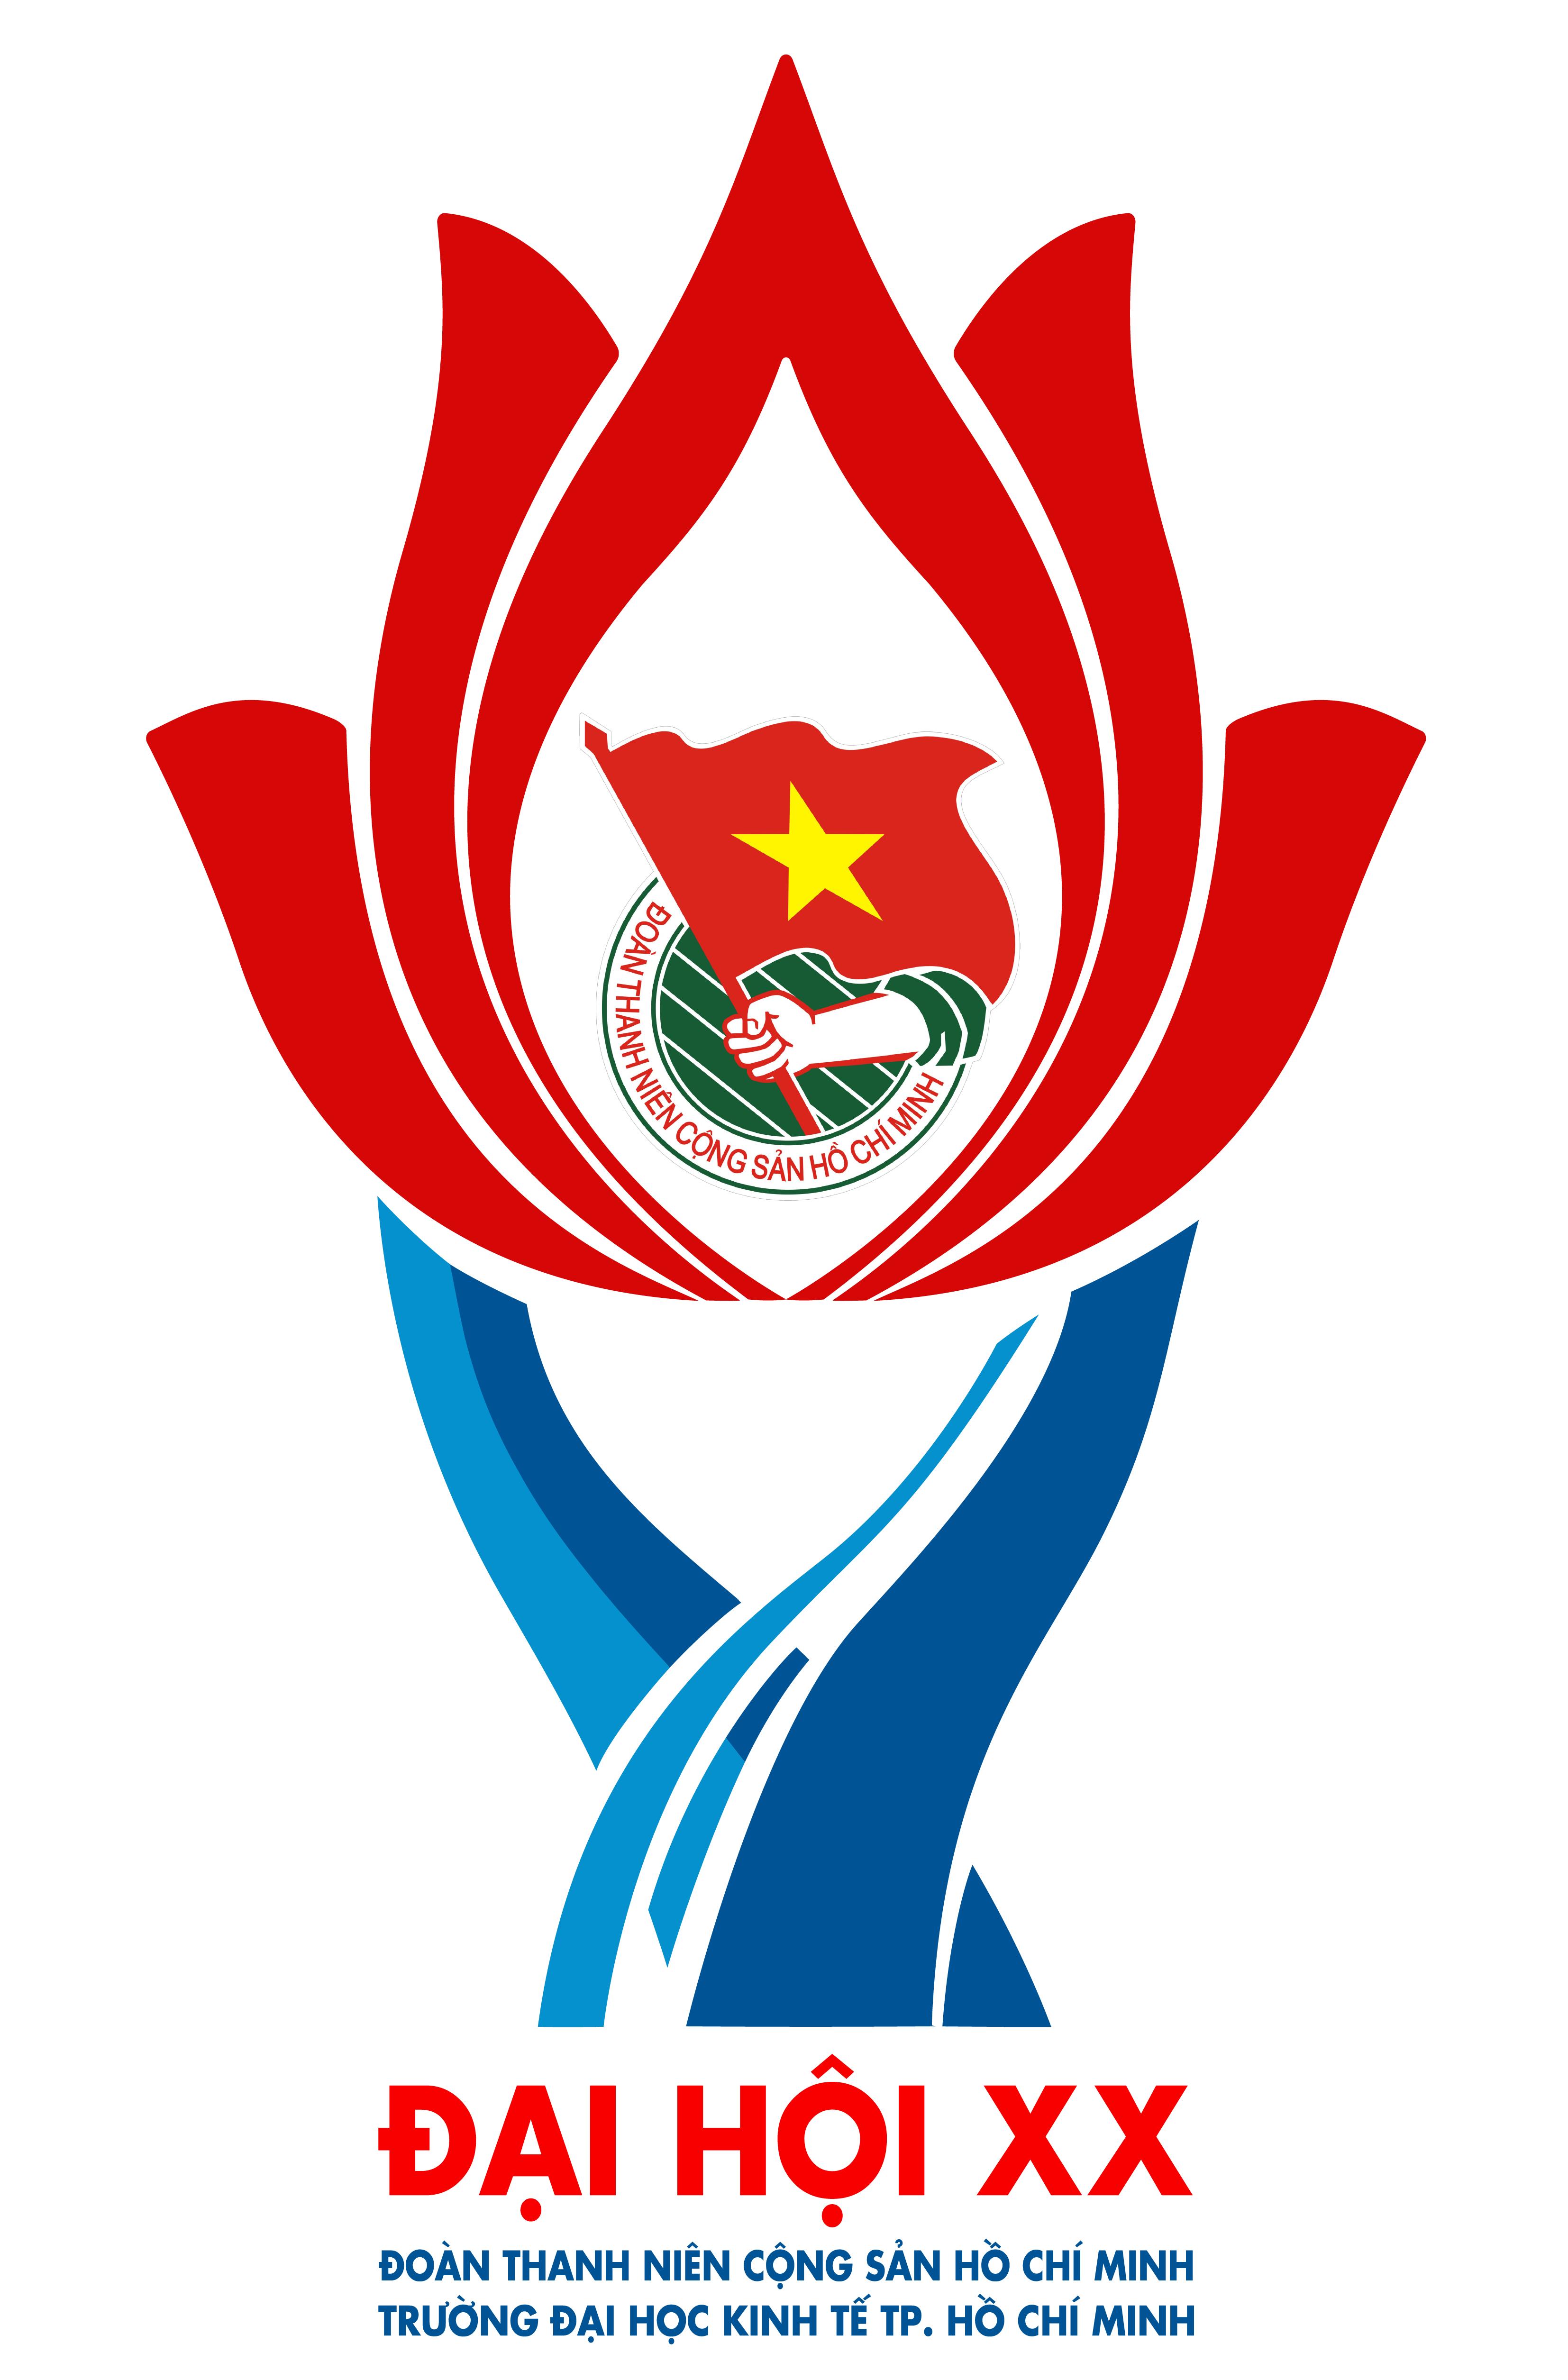 Hình ảnh logo đại hội đoàn TN